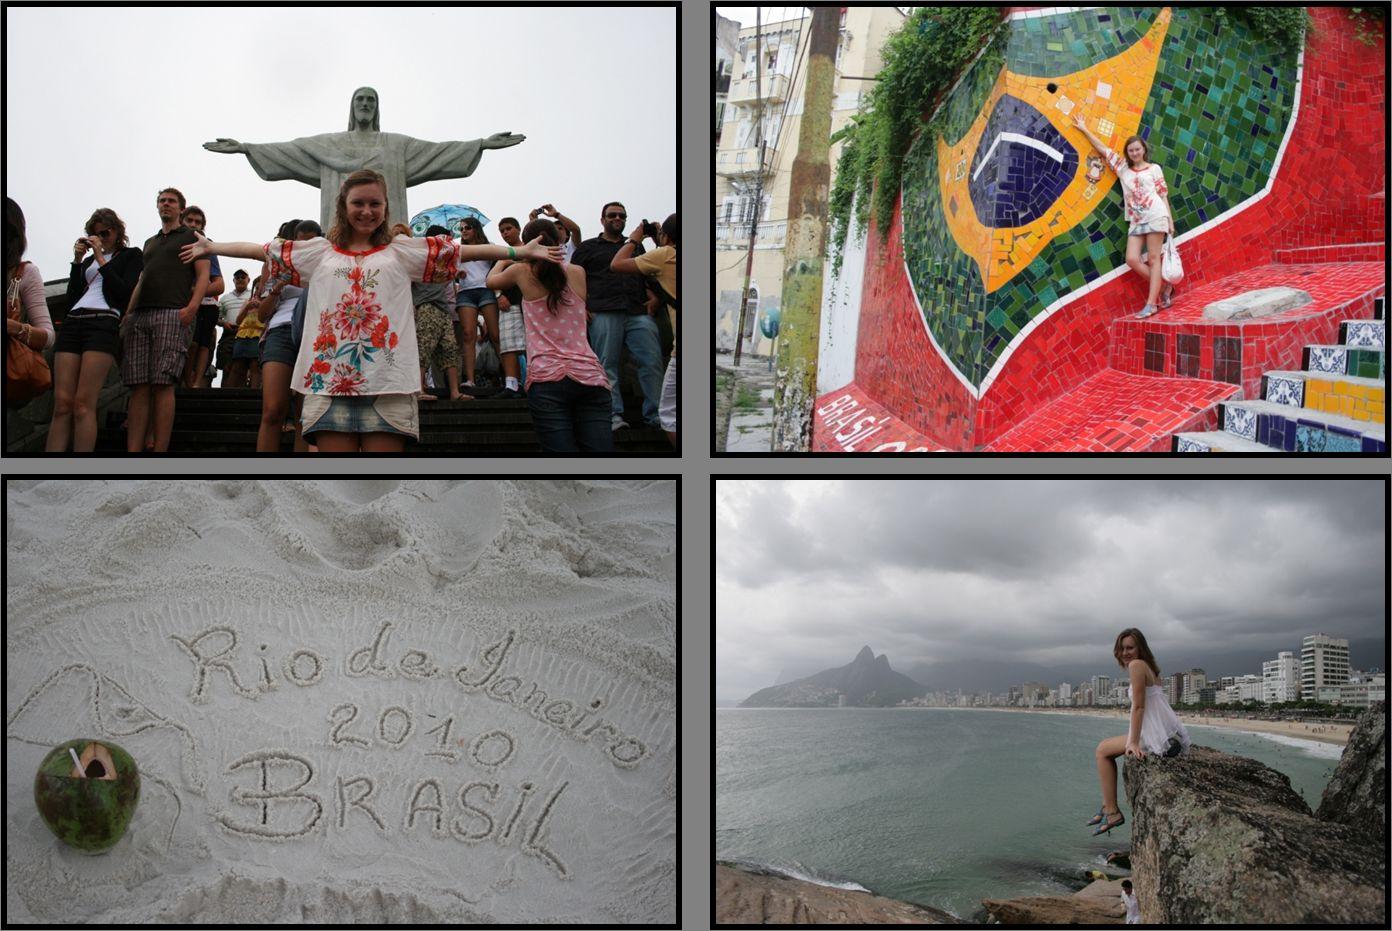 Новый год в Рио-де-Жанейро. Новый год